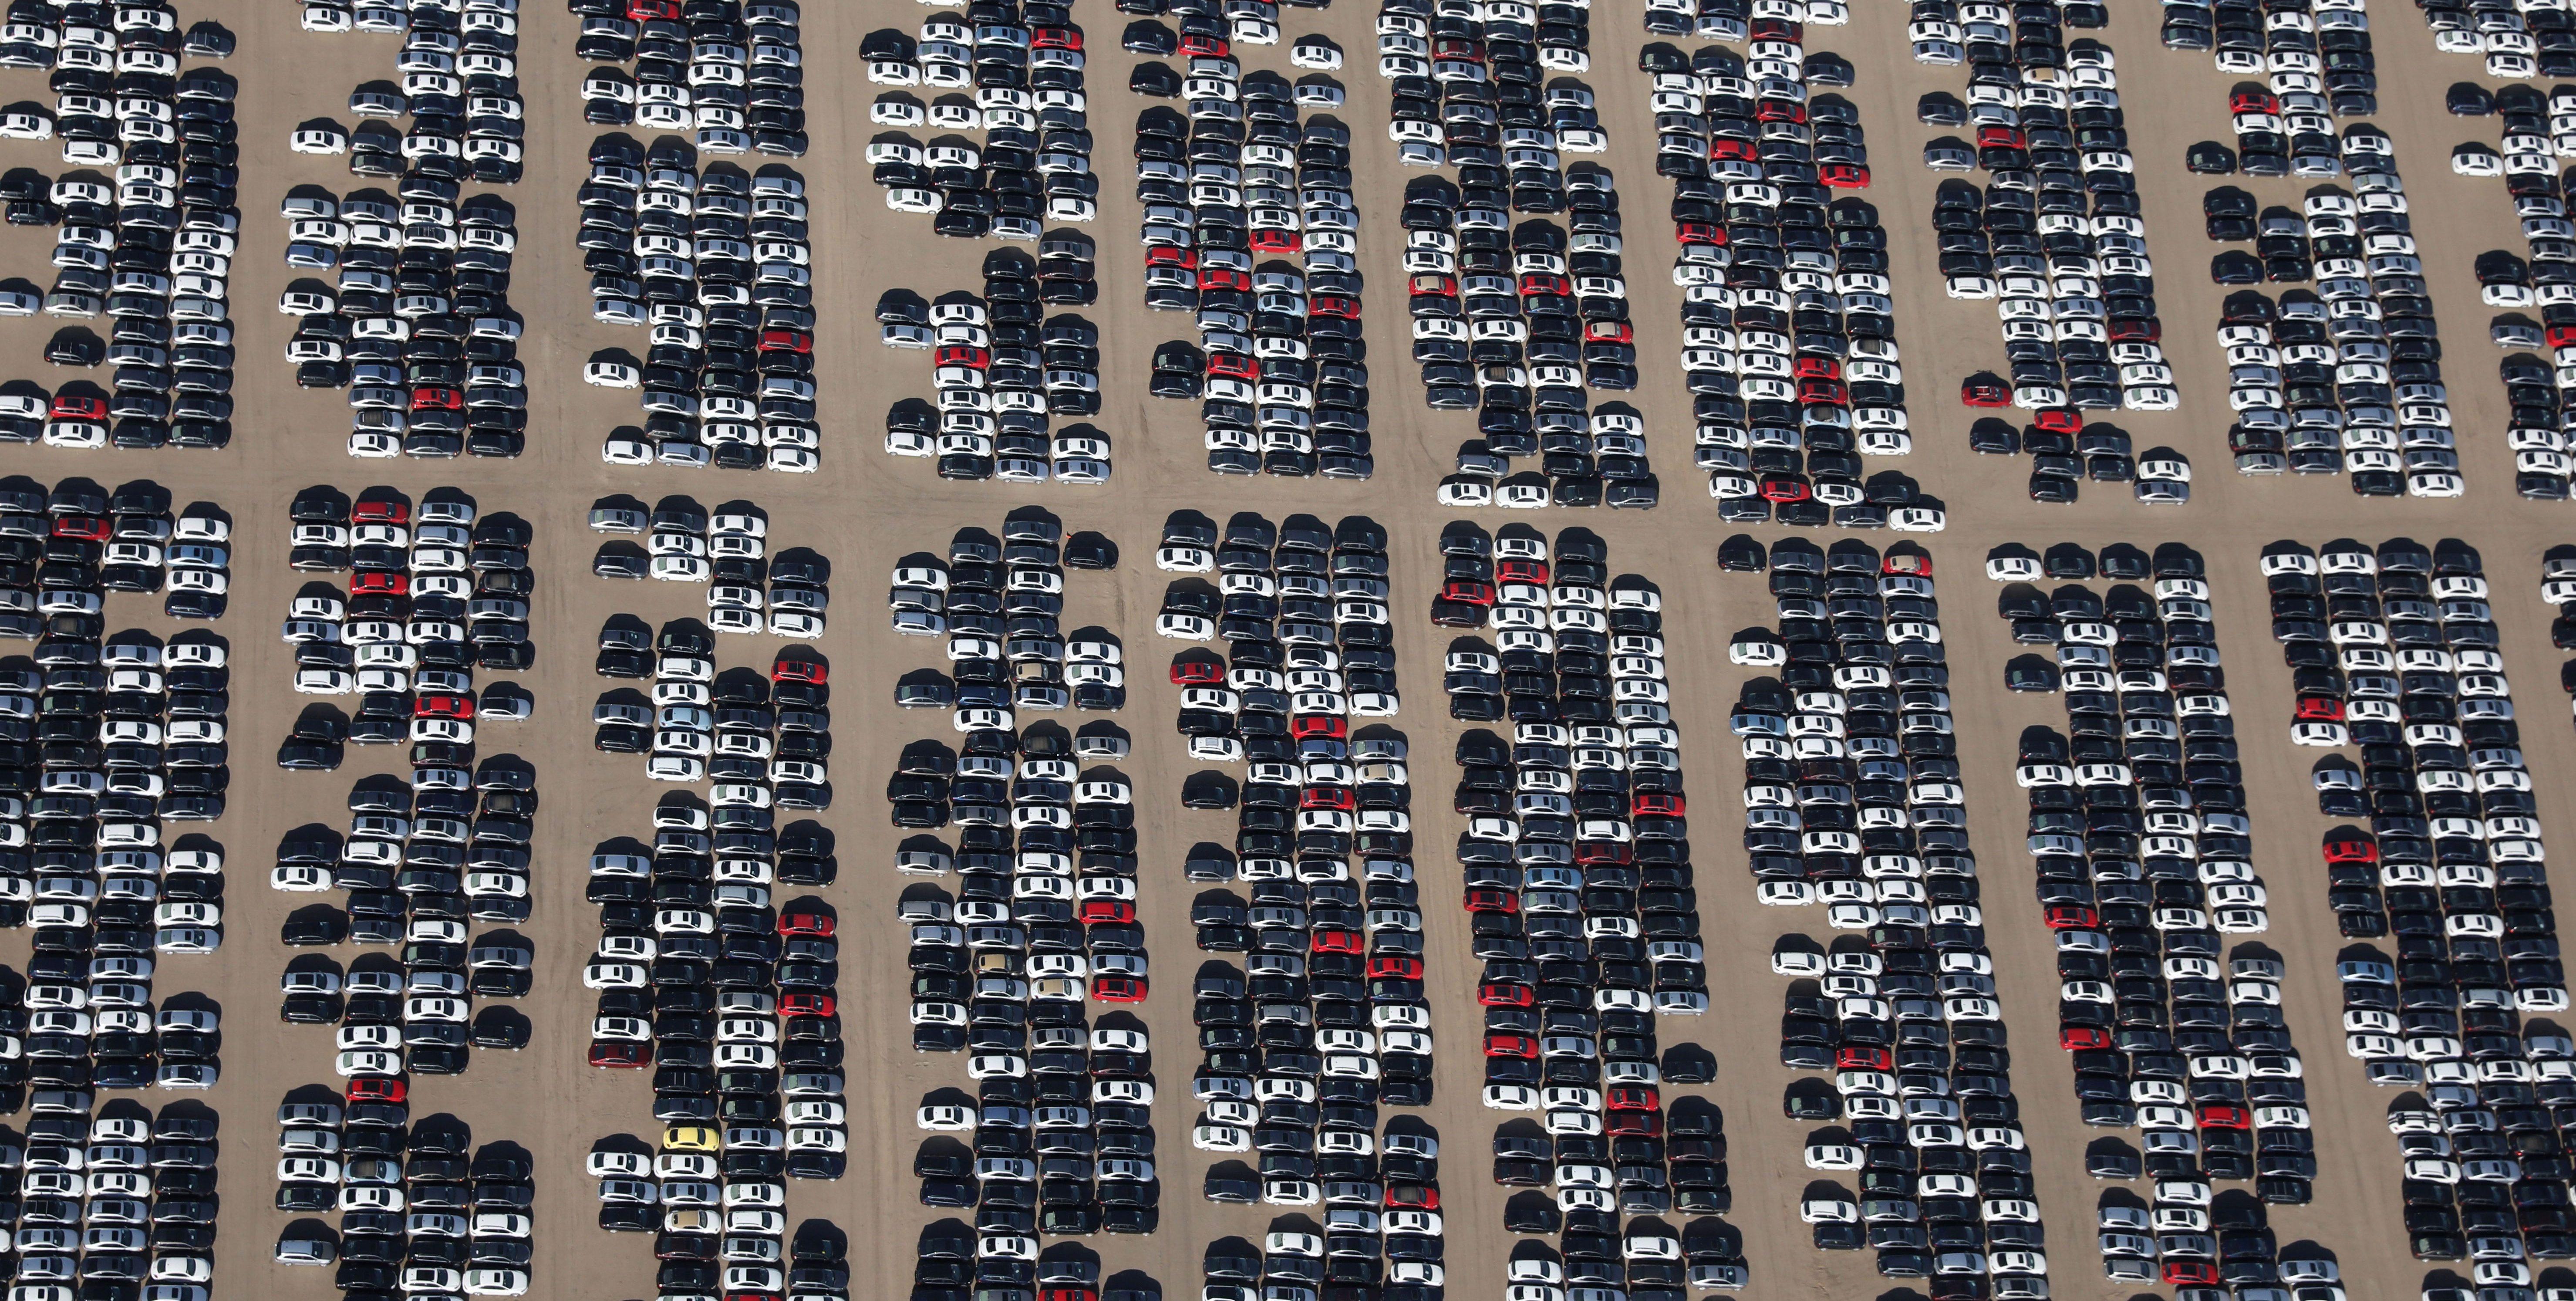 Vw Buyback Program >> Volkswagen Buyback Volkswagen Has Bought Back Thousands